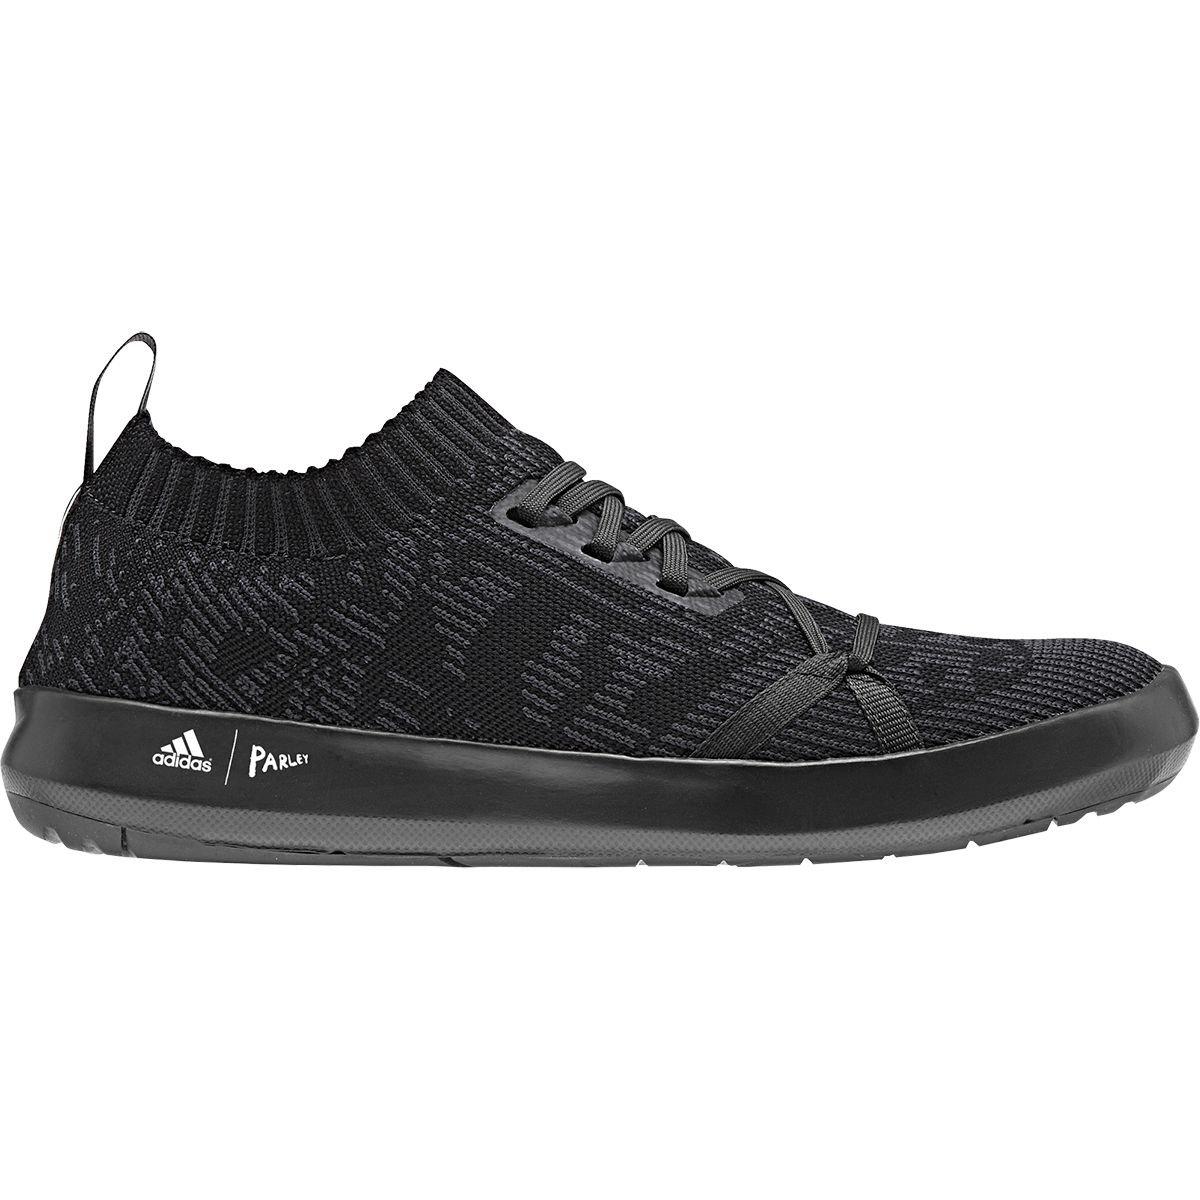 [アディダス] Outdoor Terrex DLX Boat Shoe メンズ ウォーターシューズ [並行輸入品]   B07C5MCPMC